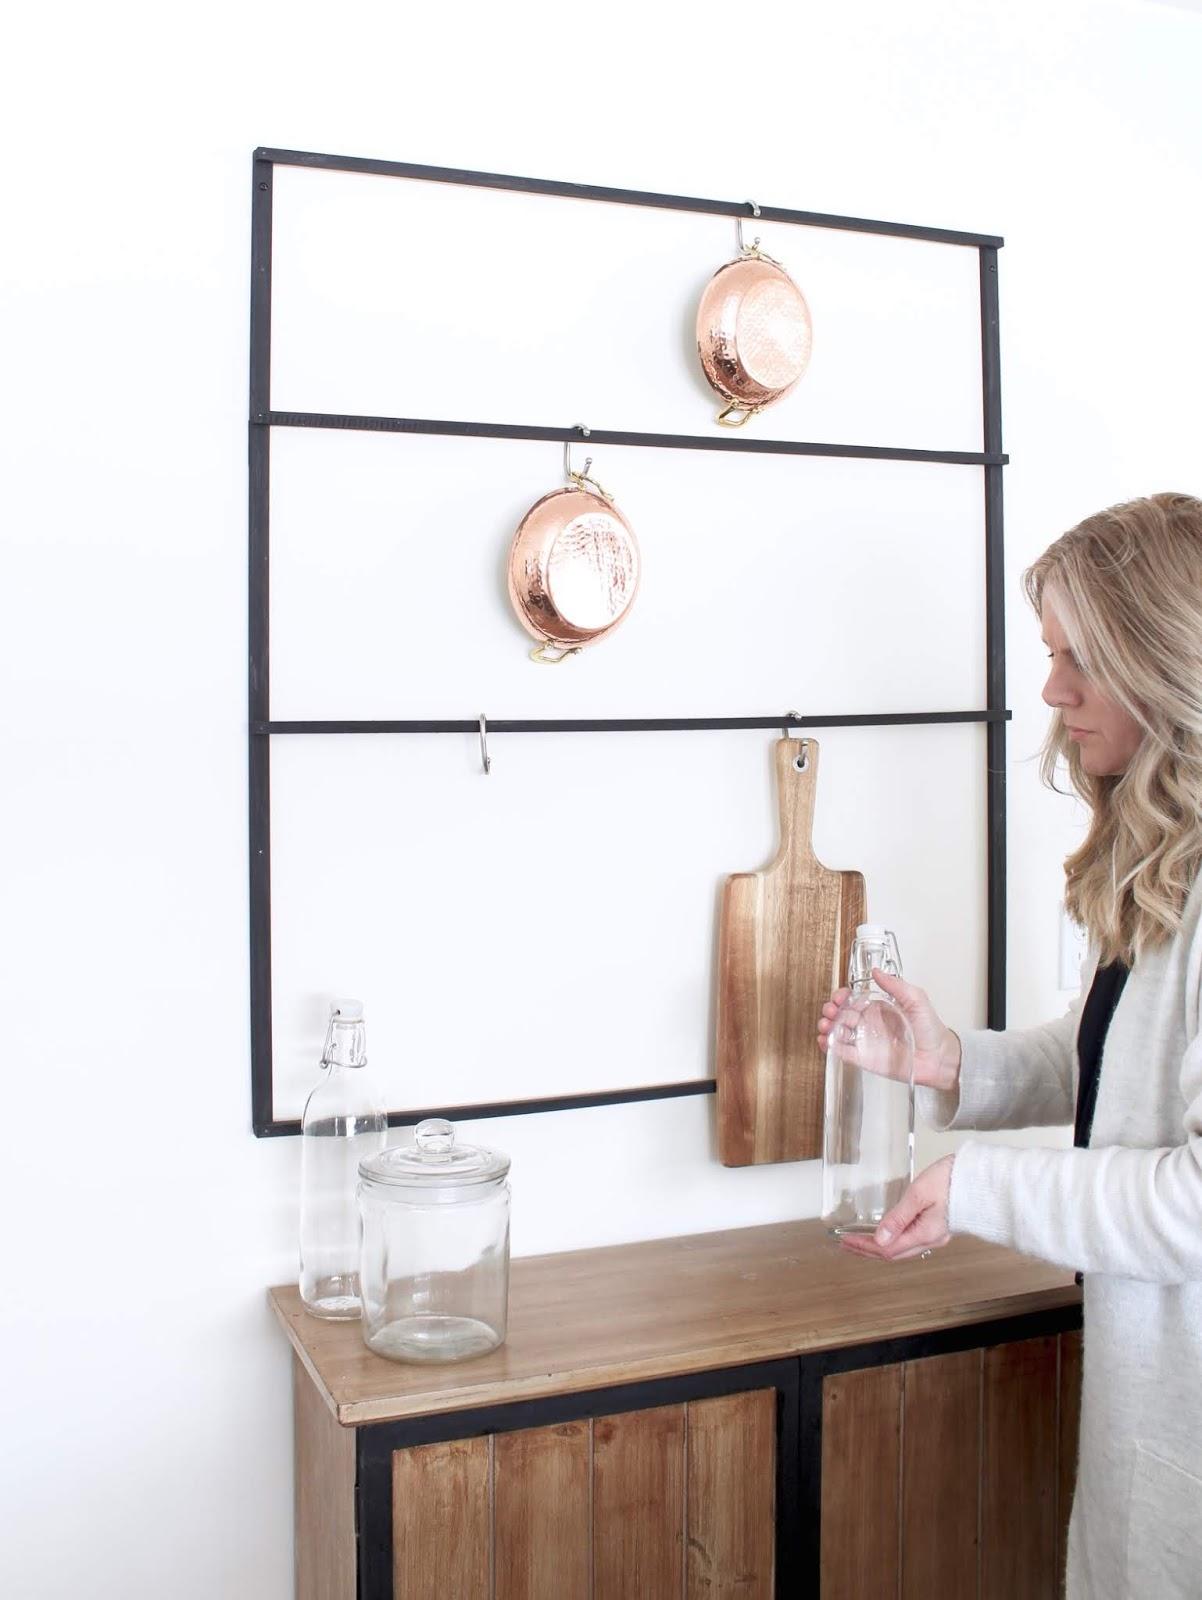 DIY-wall-mounted-pot-rack-8